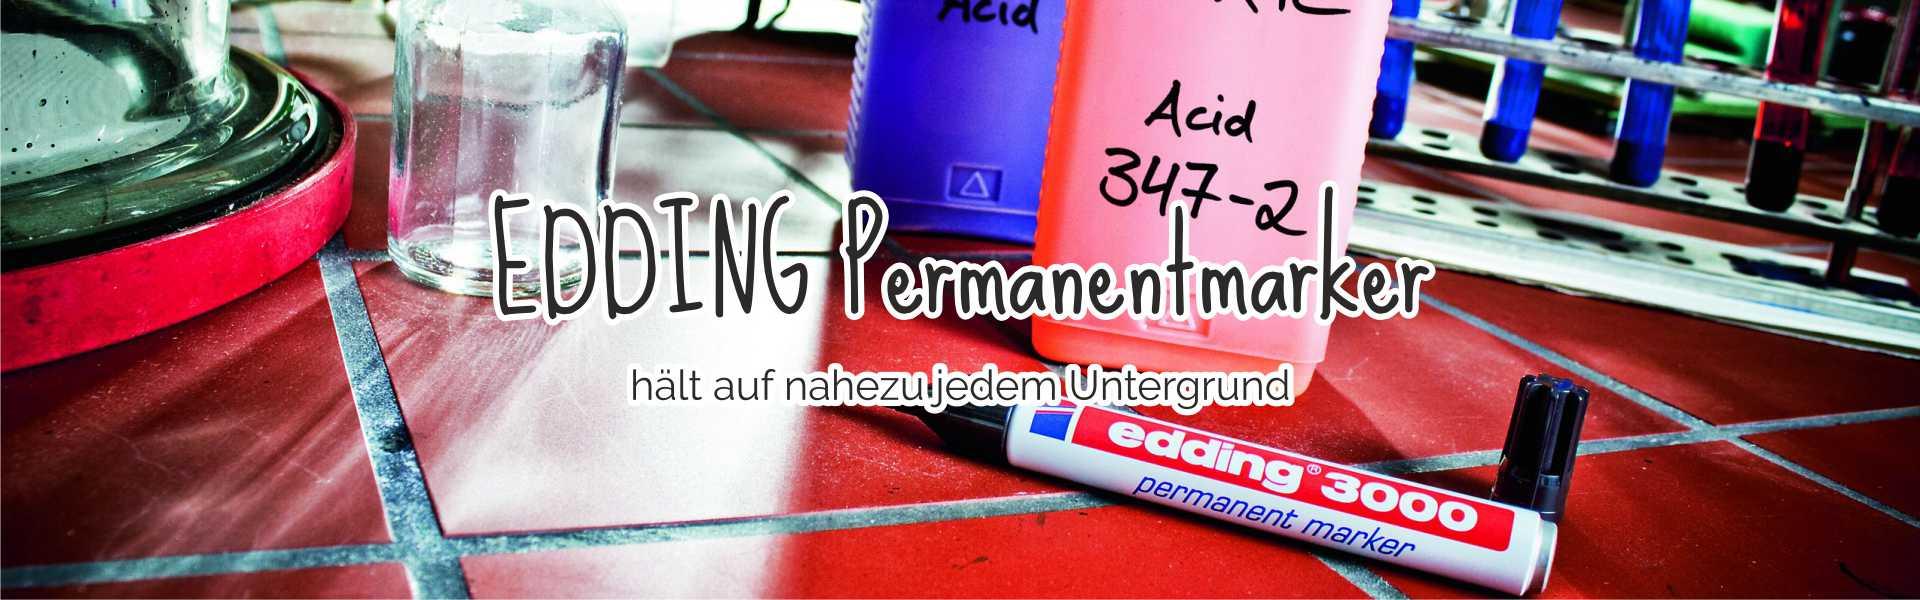 Edding Permanentmarker